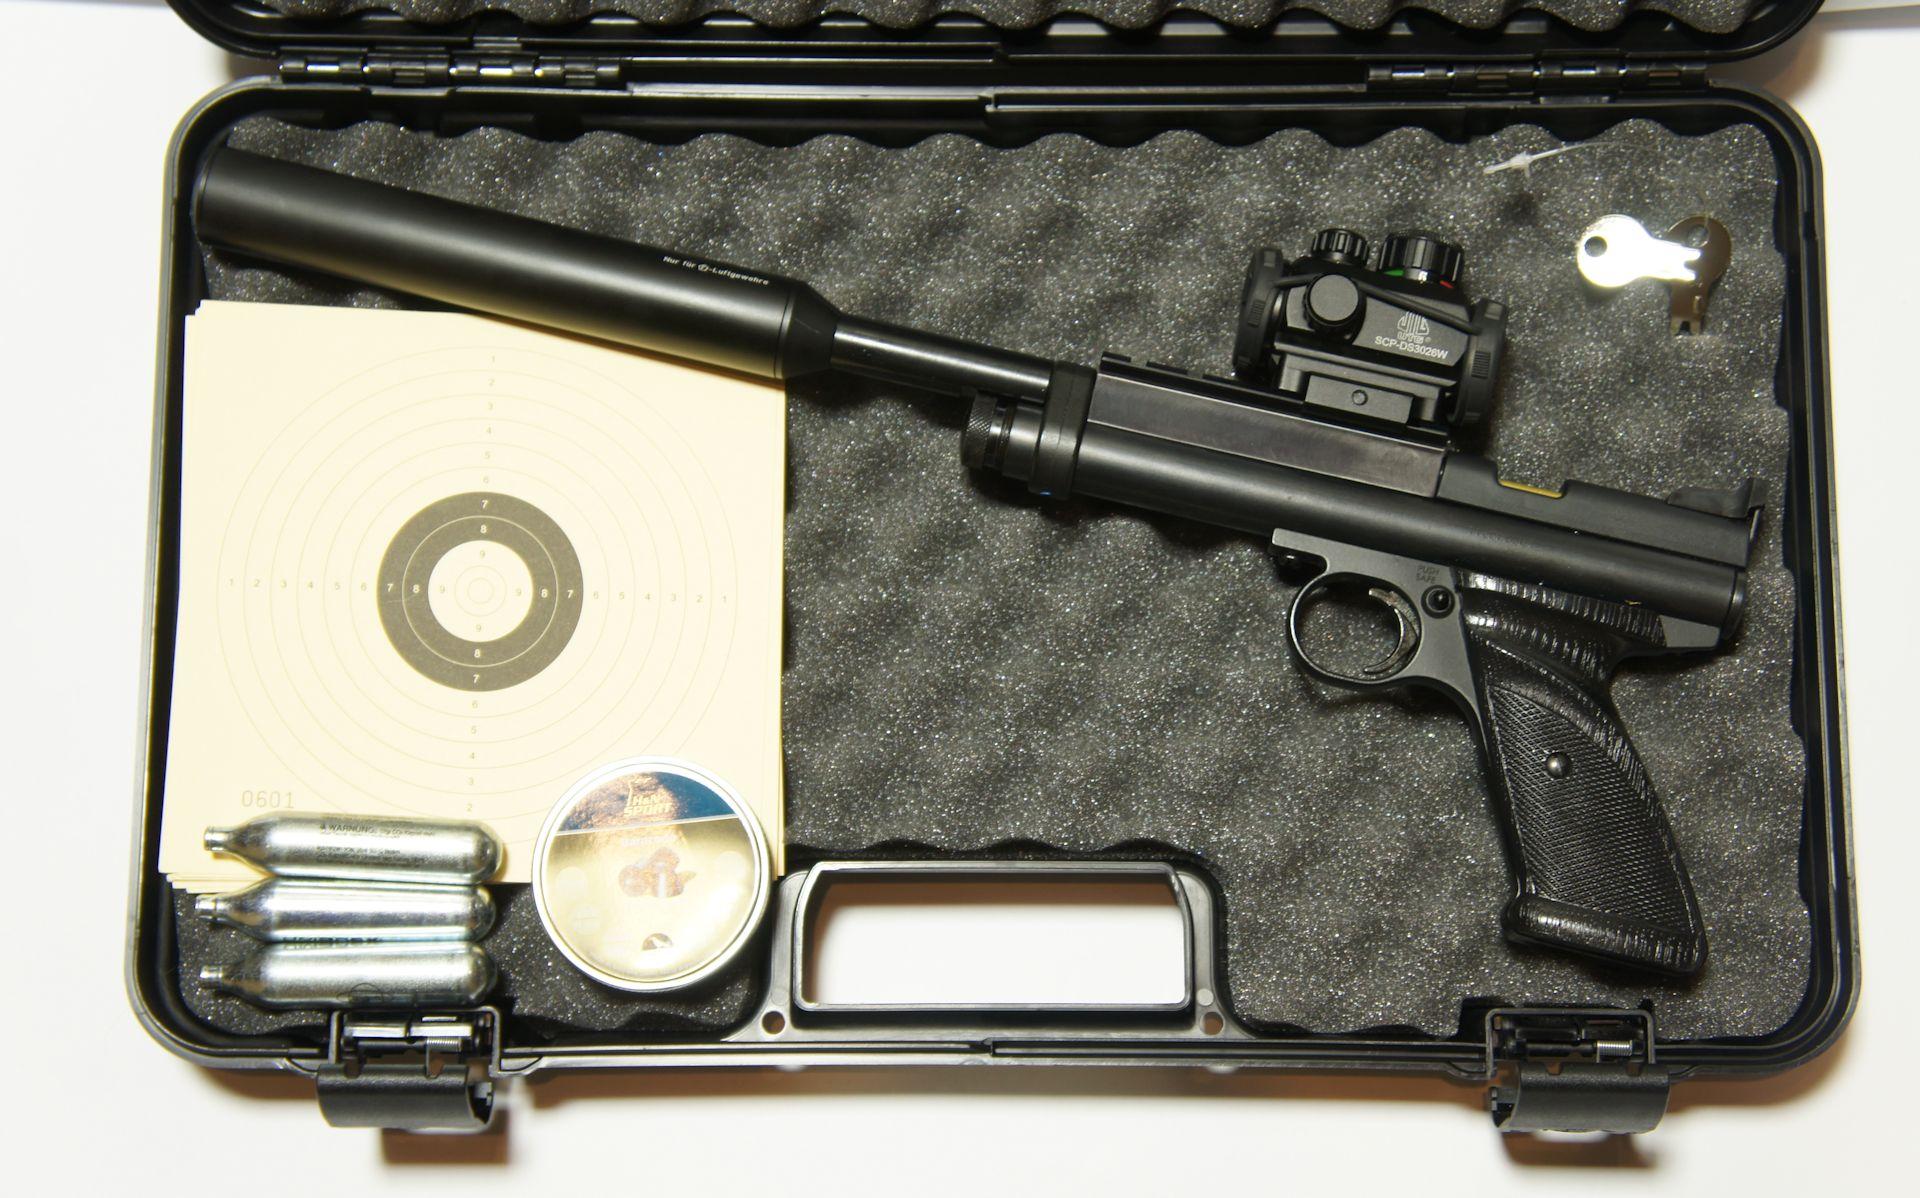 Die Pistole Crosman 2240 5,5mm Trophy passt auch mit aufgesetztem Zubehör gut in den Koffer